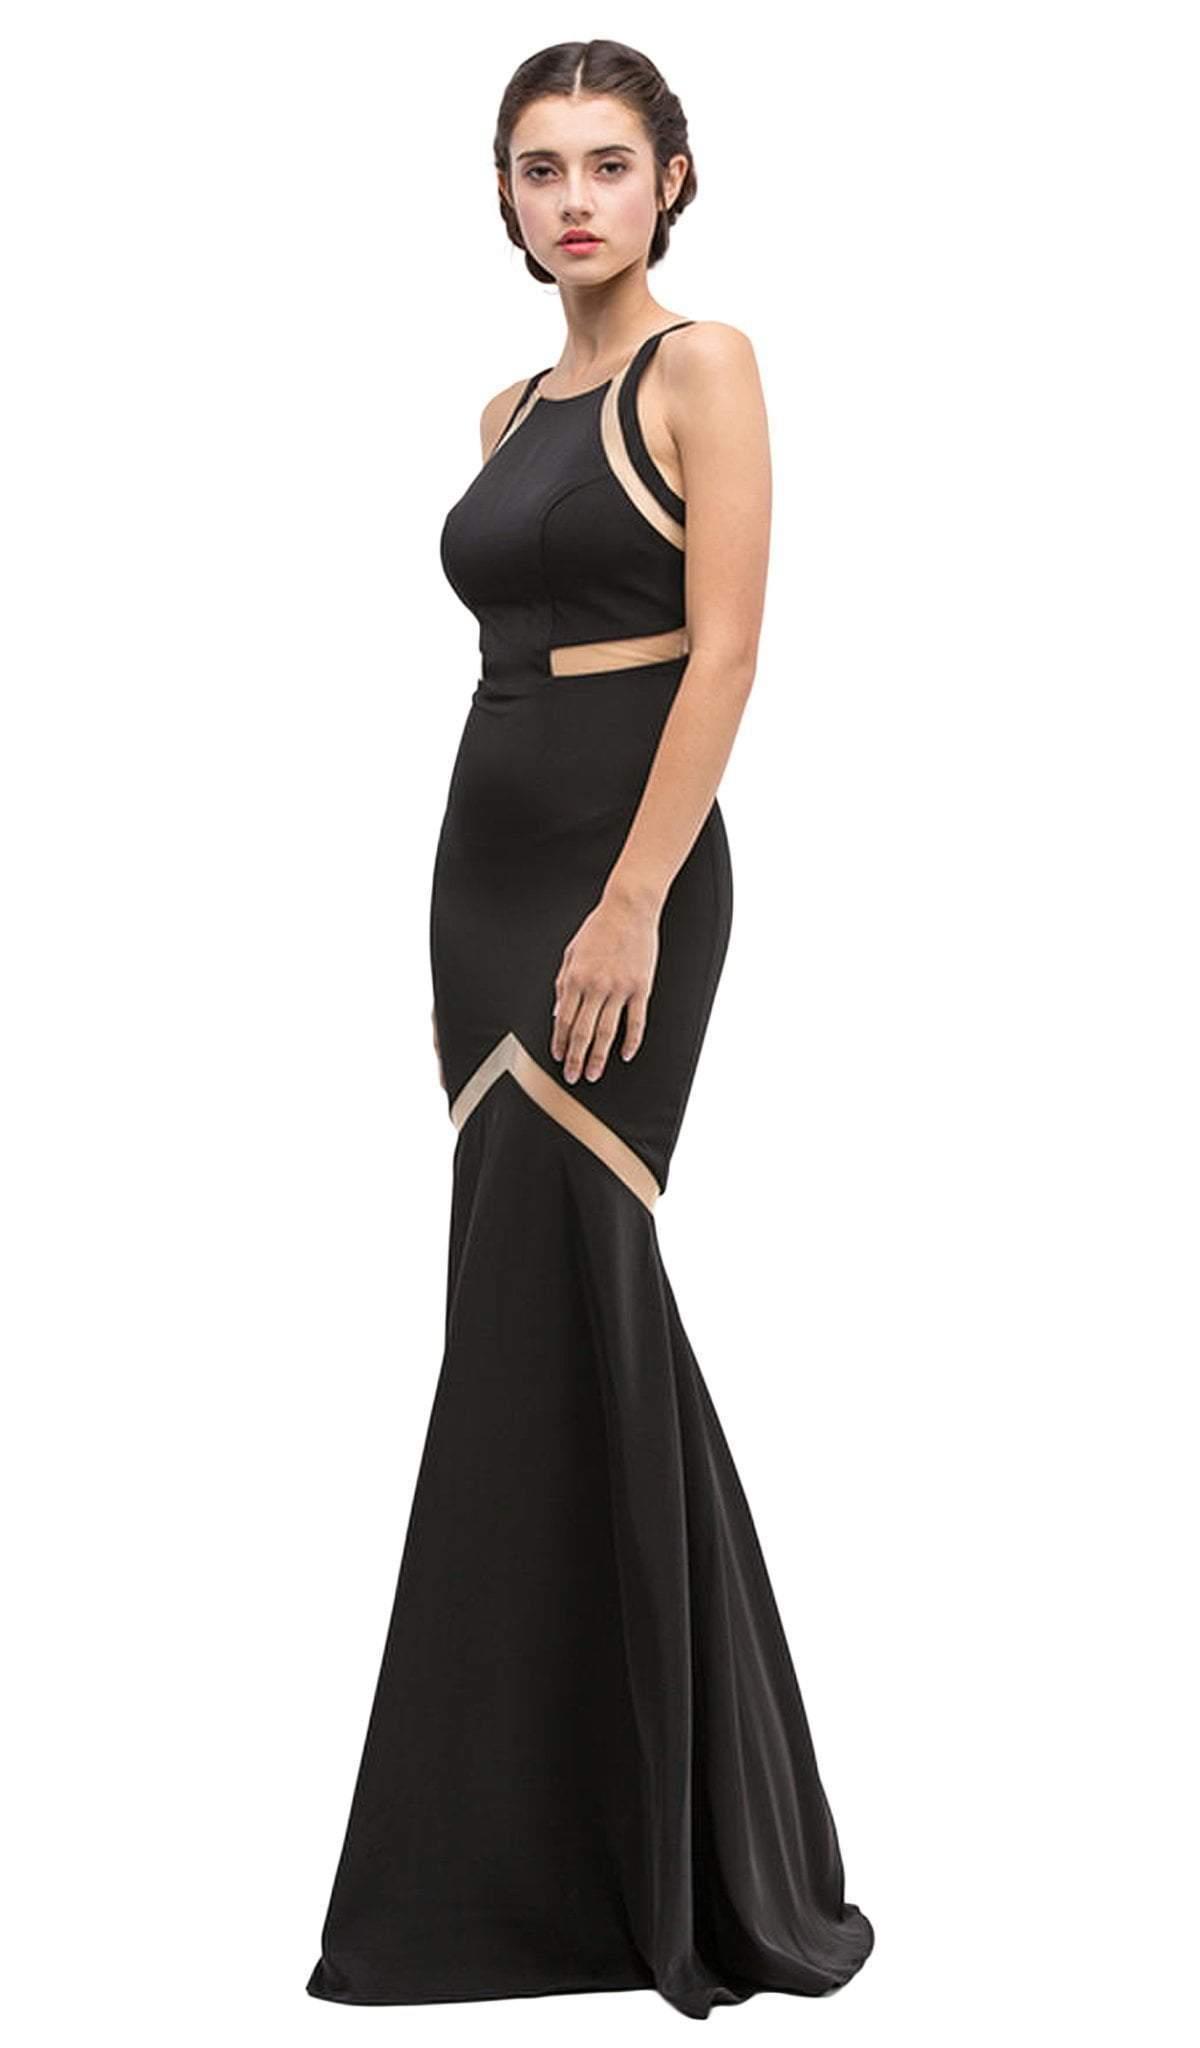 Eureka Fashion - Sheer Panels Halter Satin Trumpet Dress